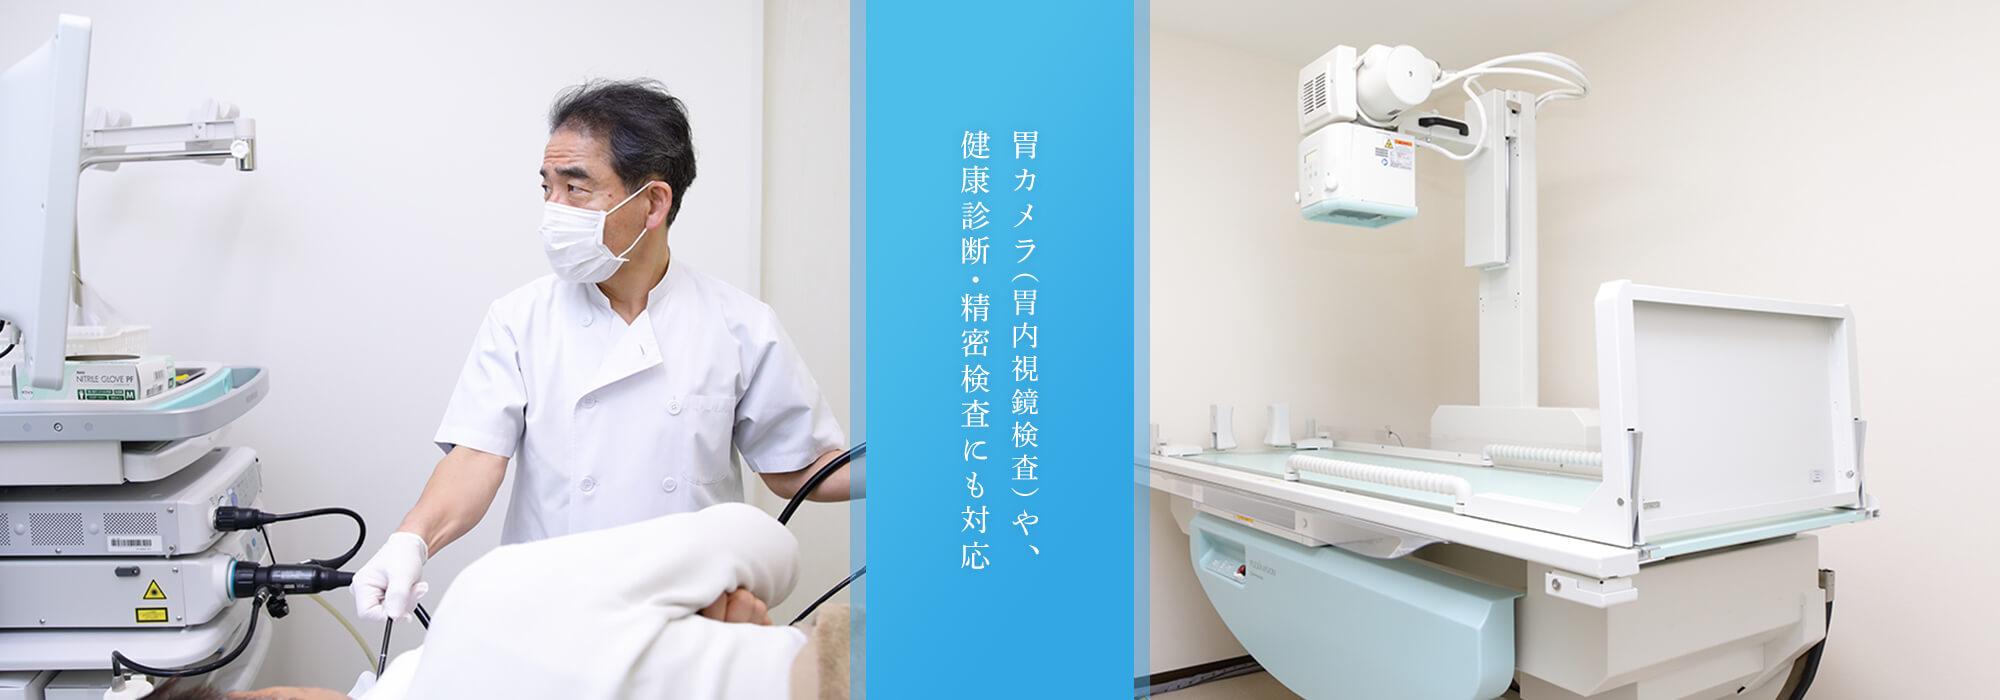 胃カメラ(胃内視鏡検査)や、健康診断・精密検査にも対応